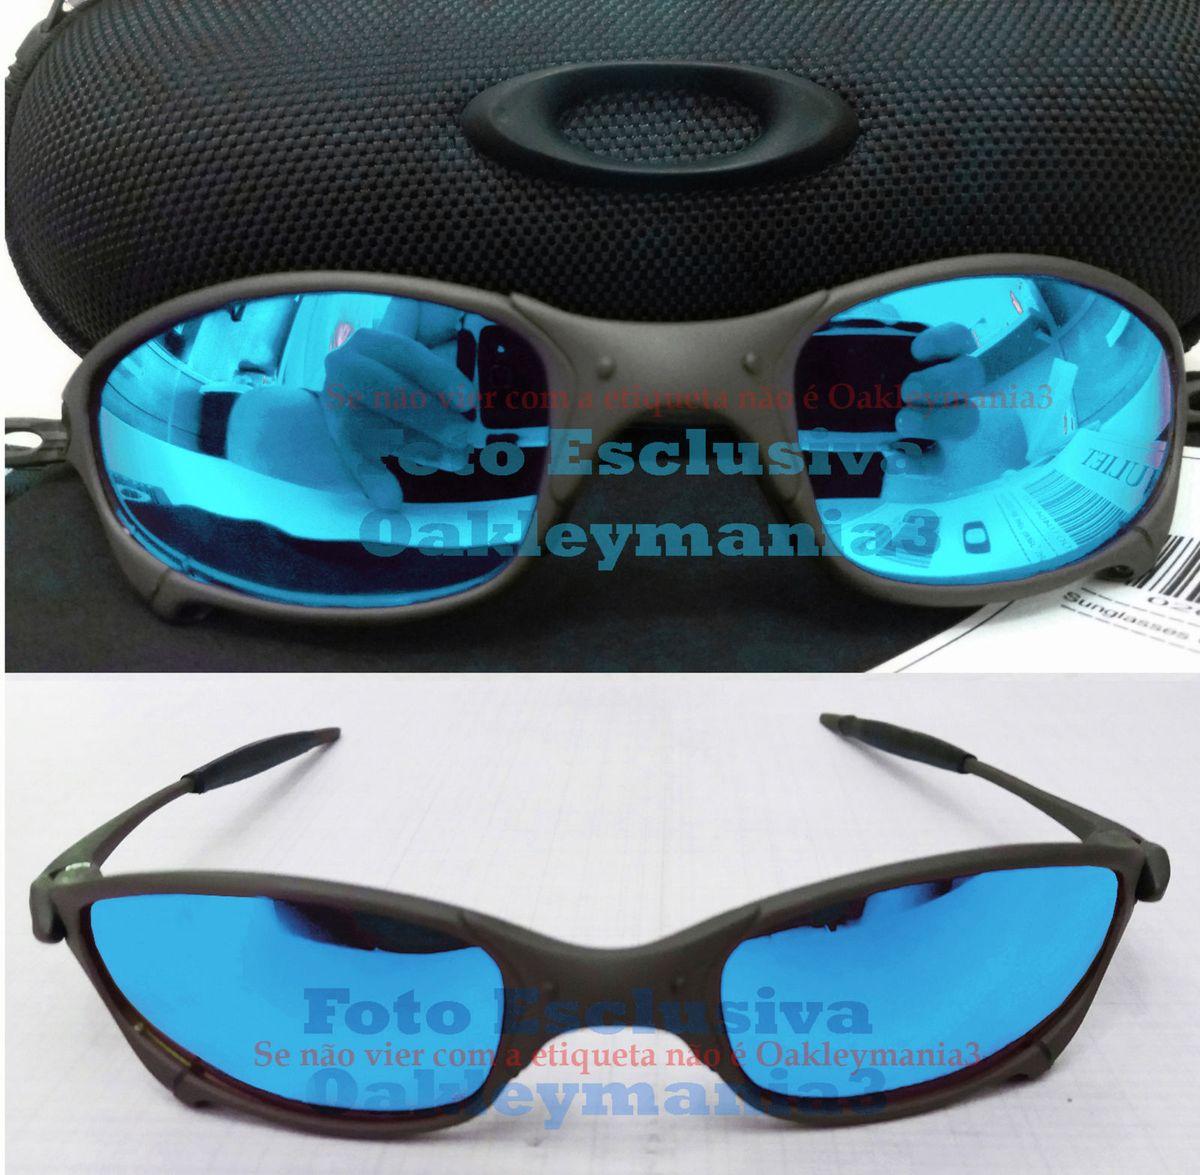 f930b8af1 oculos oakley juliet xmetal lente azul clara ice thug polarizada + case  rigido porta oculos u.s.a